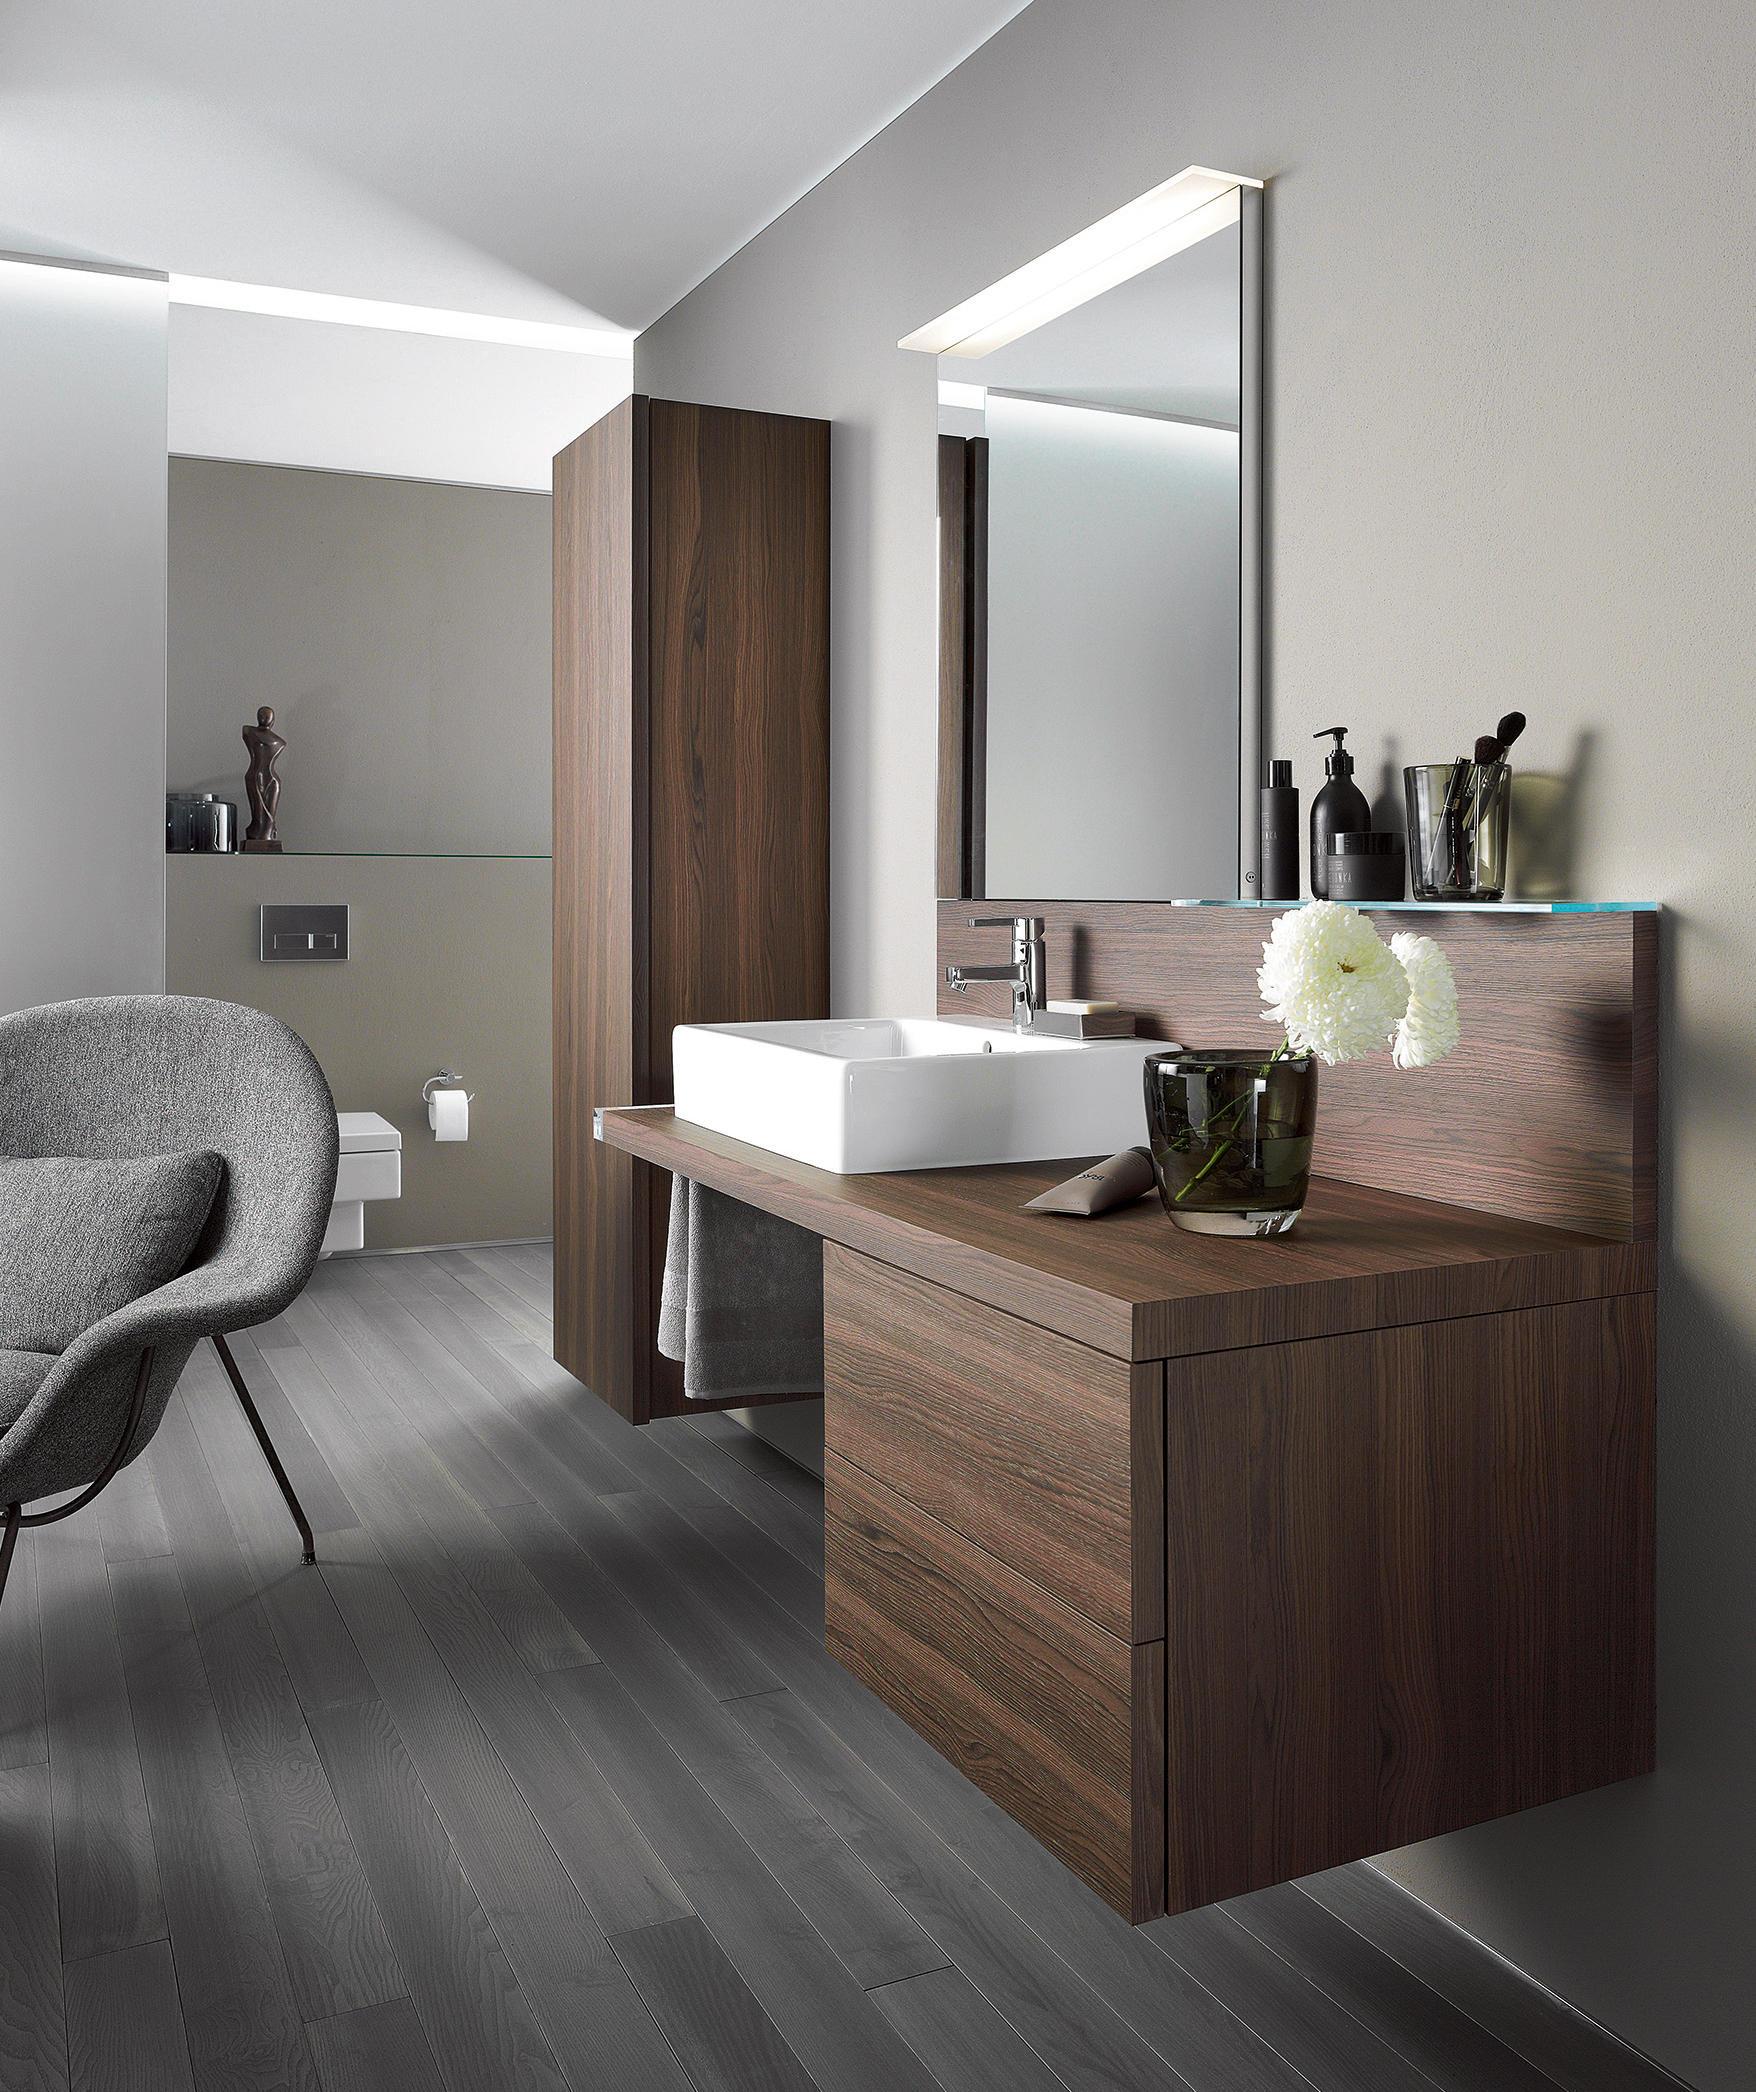 delos konsole mit r ckwand waschpl tze von duravit. Black Bedroom Furniture Sets. Home Design Ideas